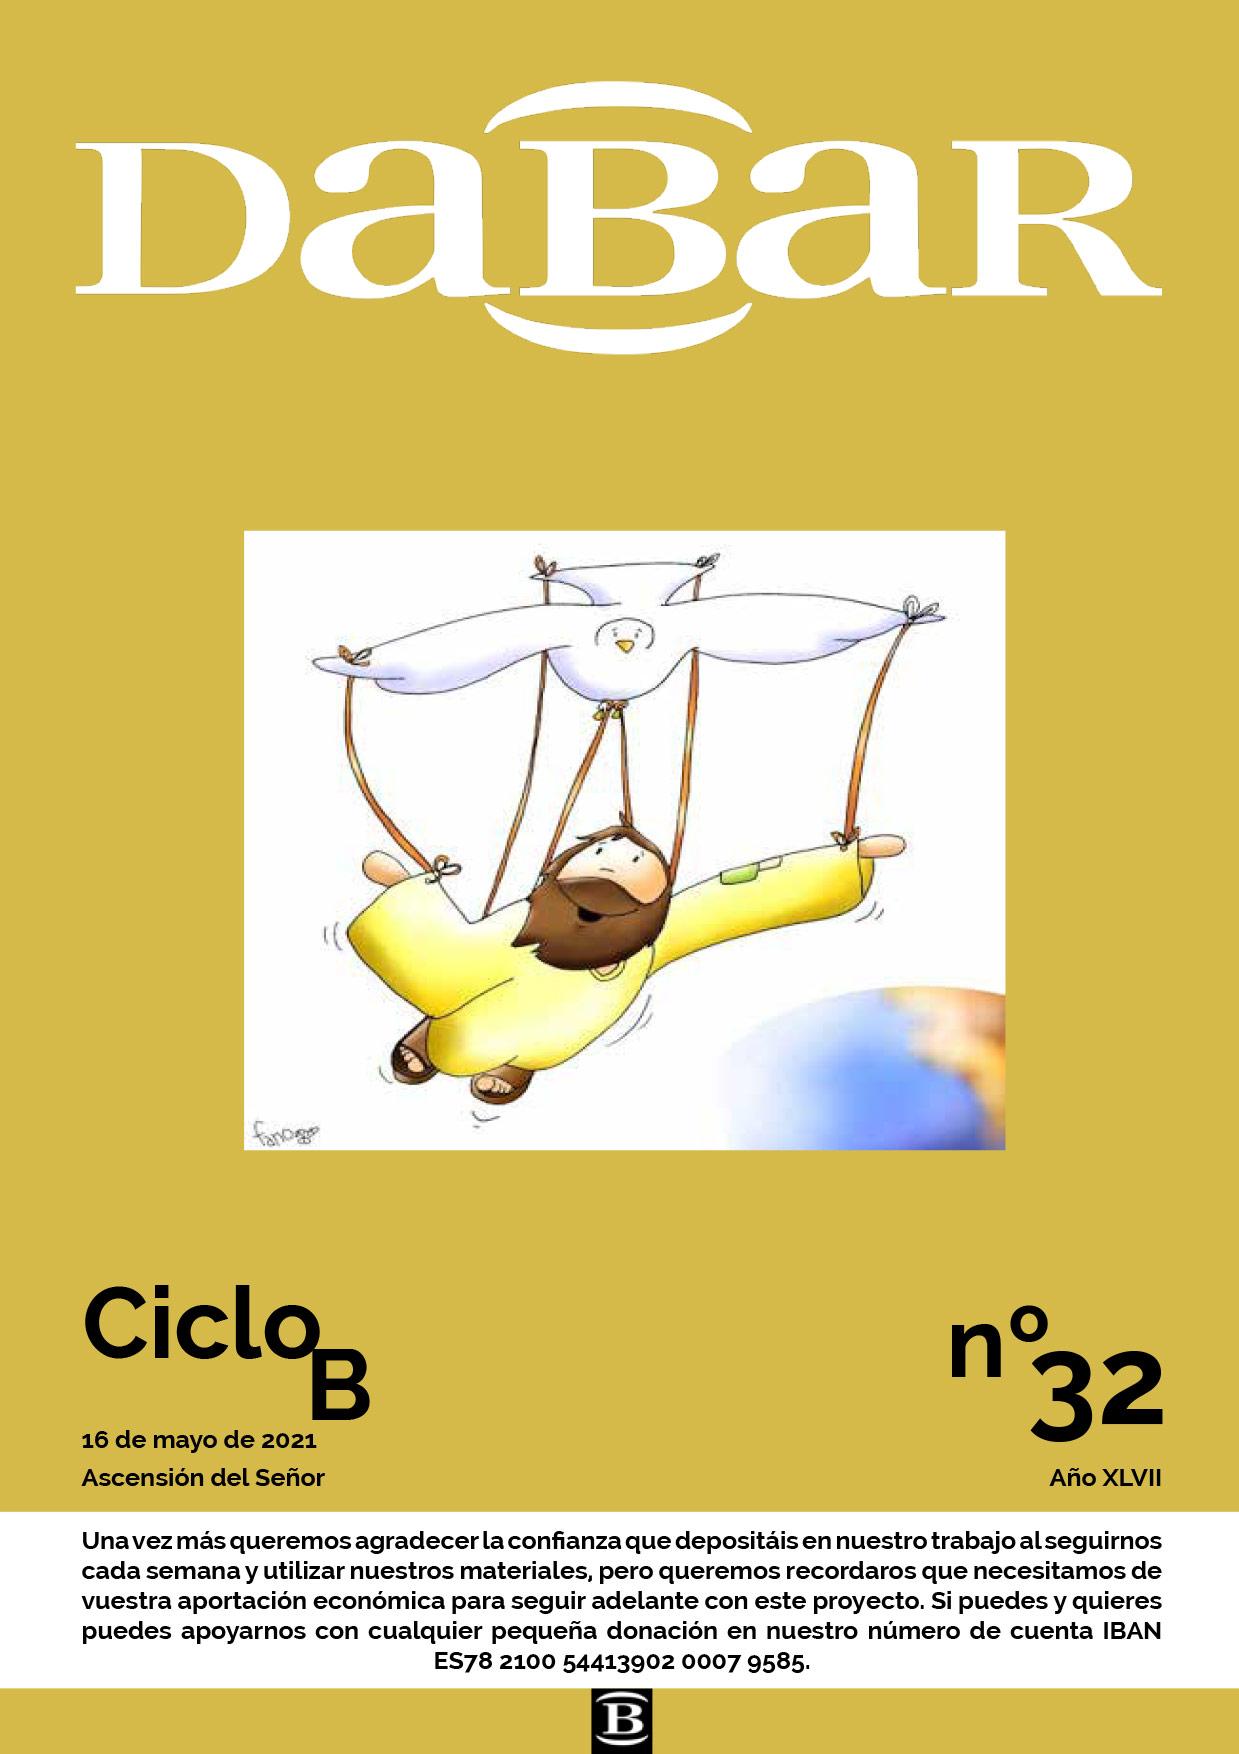 Dabar Revista número 32 ciclo B